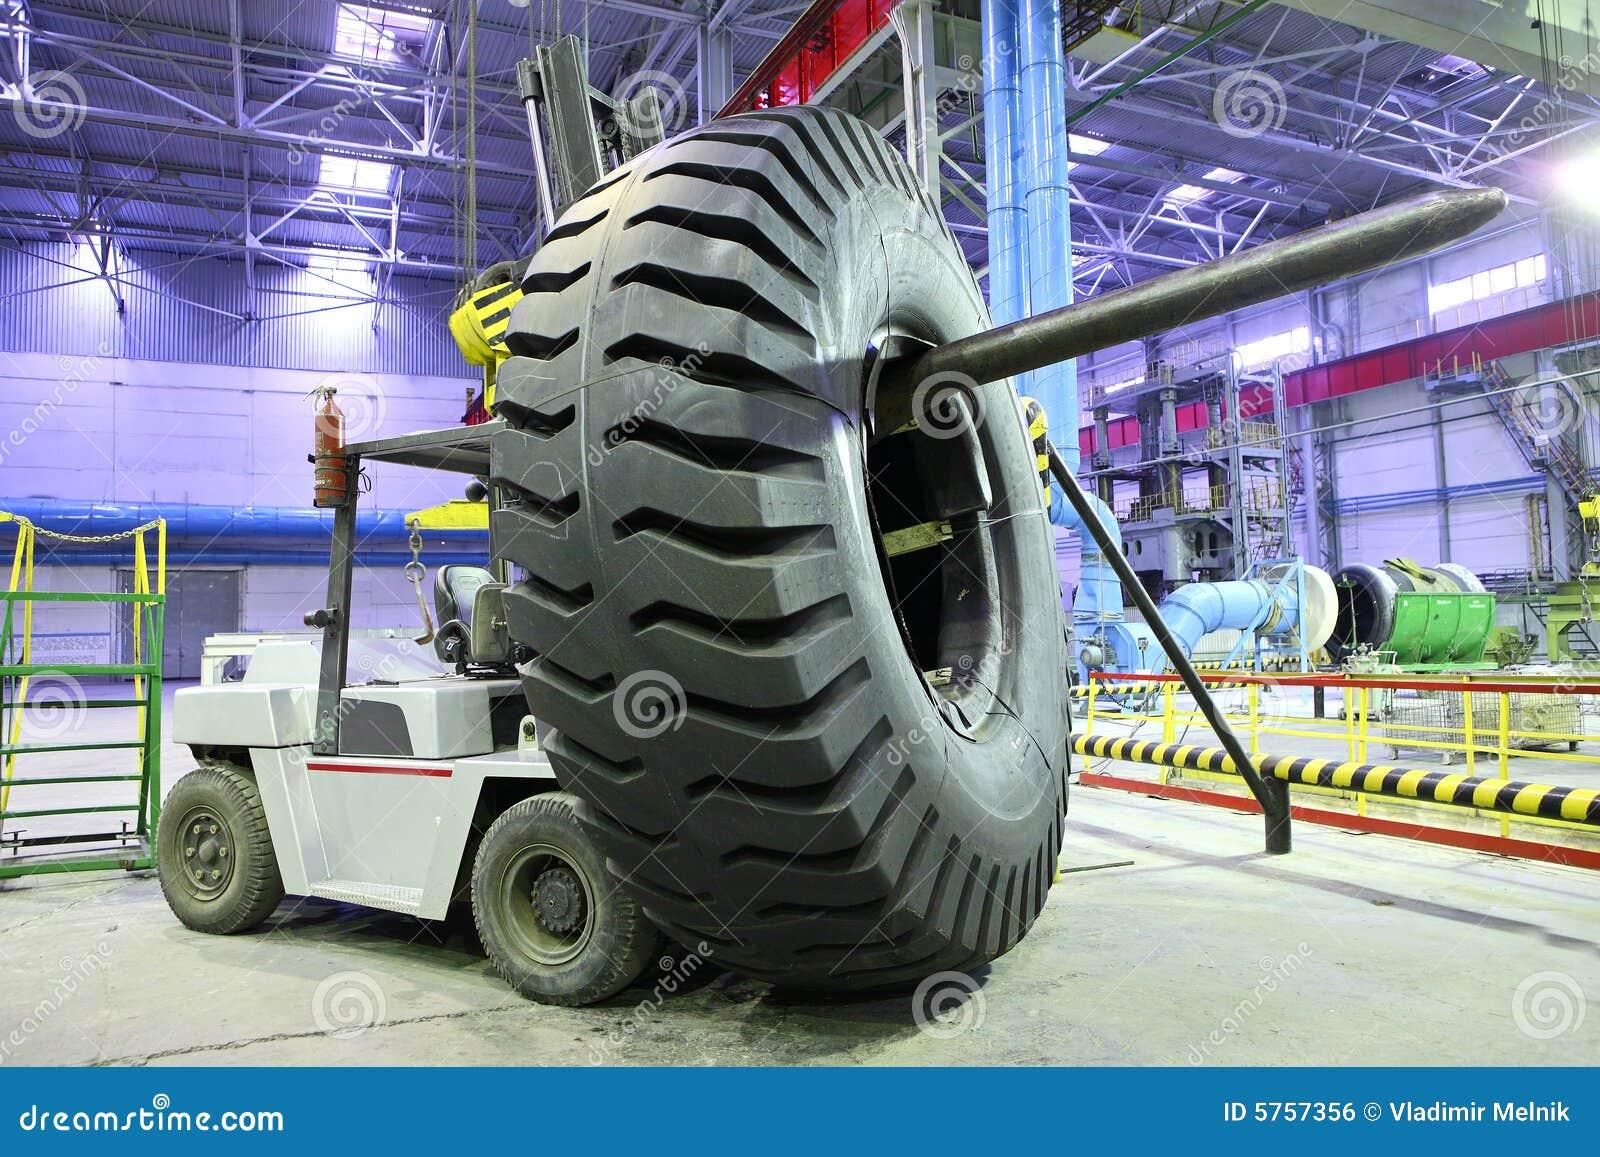 chariot l vateur avec le pneu g ant de taille image libre de droits image 5757356. Black Bedroom Furniture Sets. Home Design Ideas